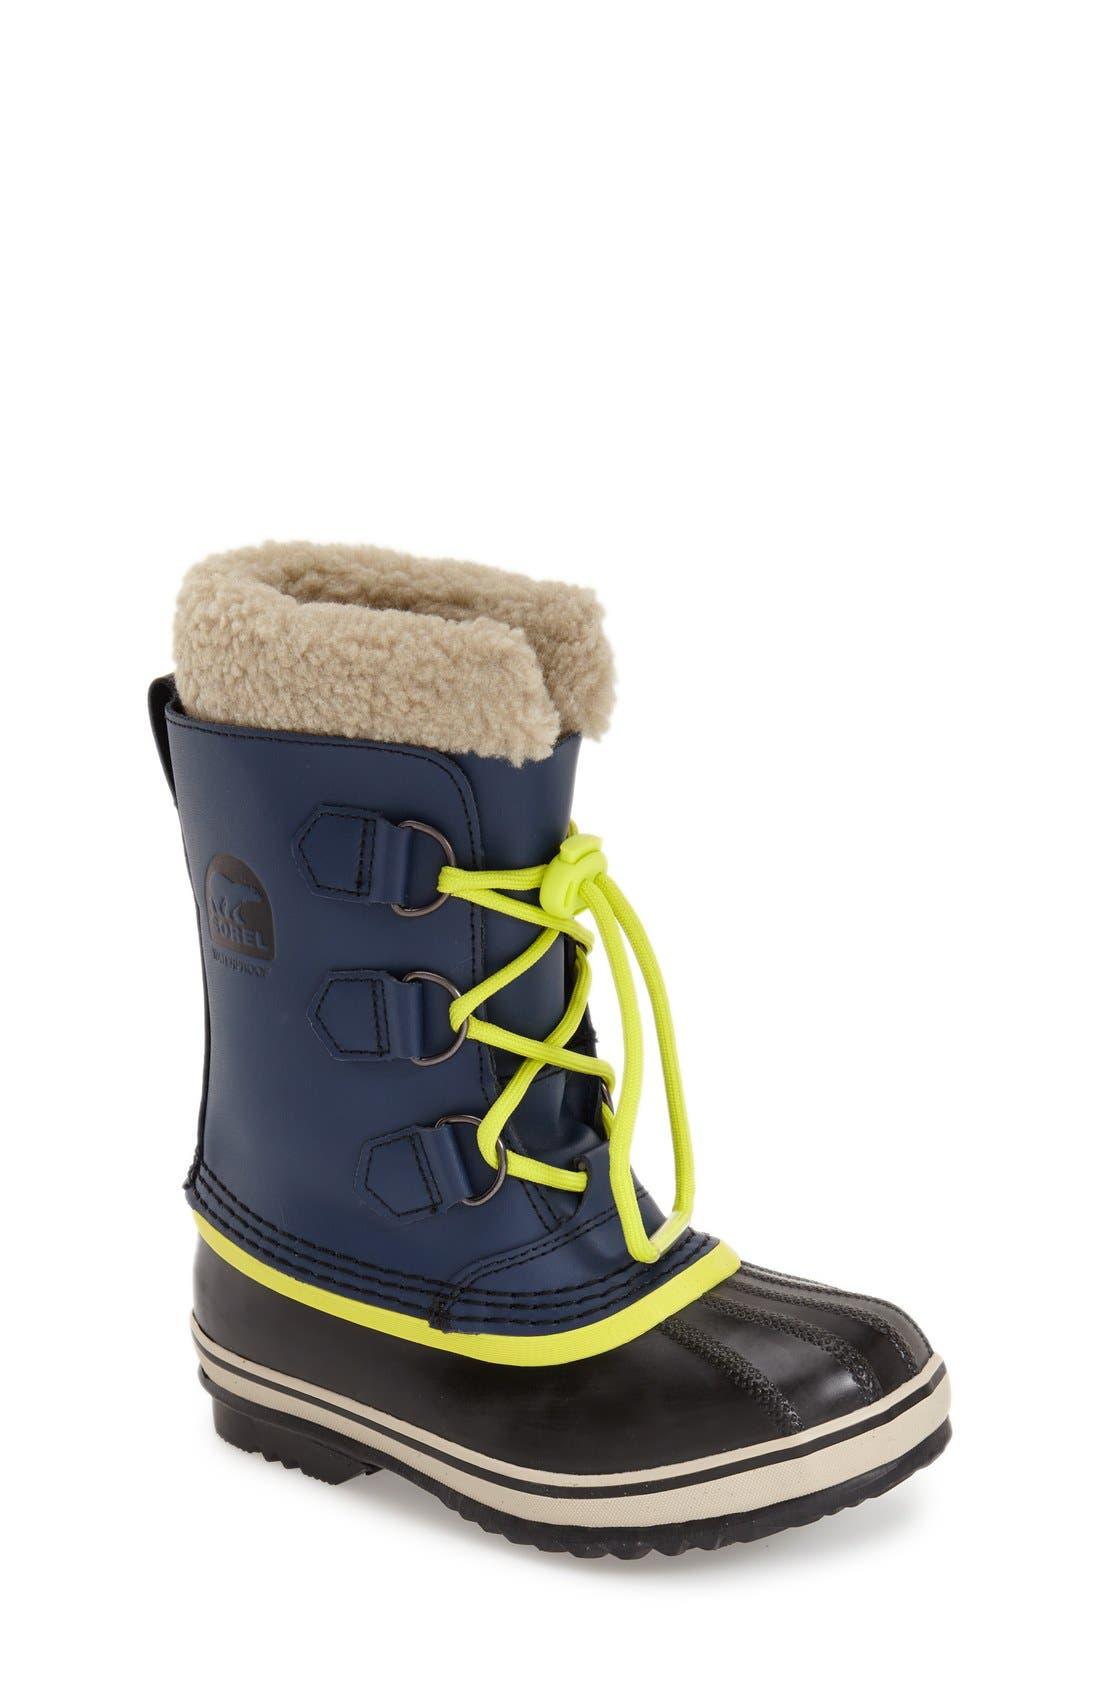 Alternate Image 1 Selected - SOREL 'Yoot Pac' Waterproof Snow Boot (Toddler, Little Kid & Big Kid)